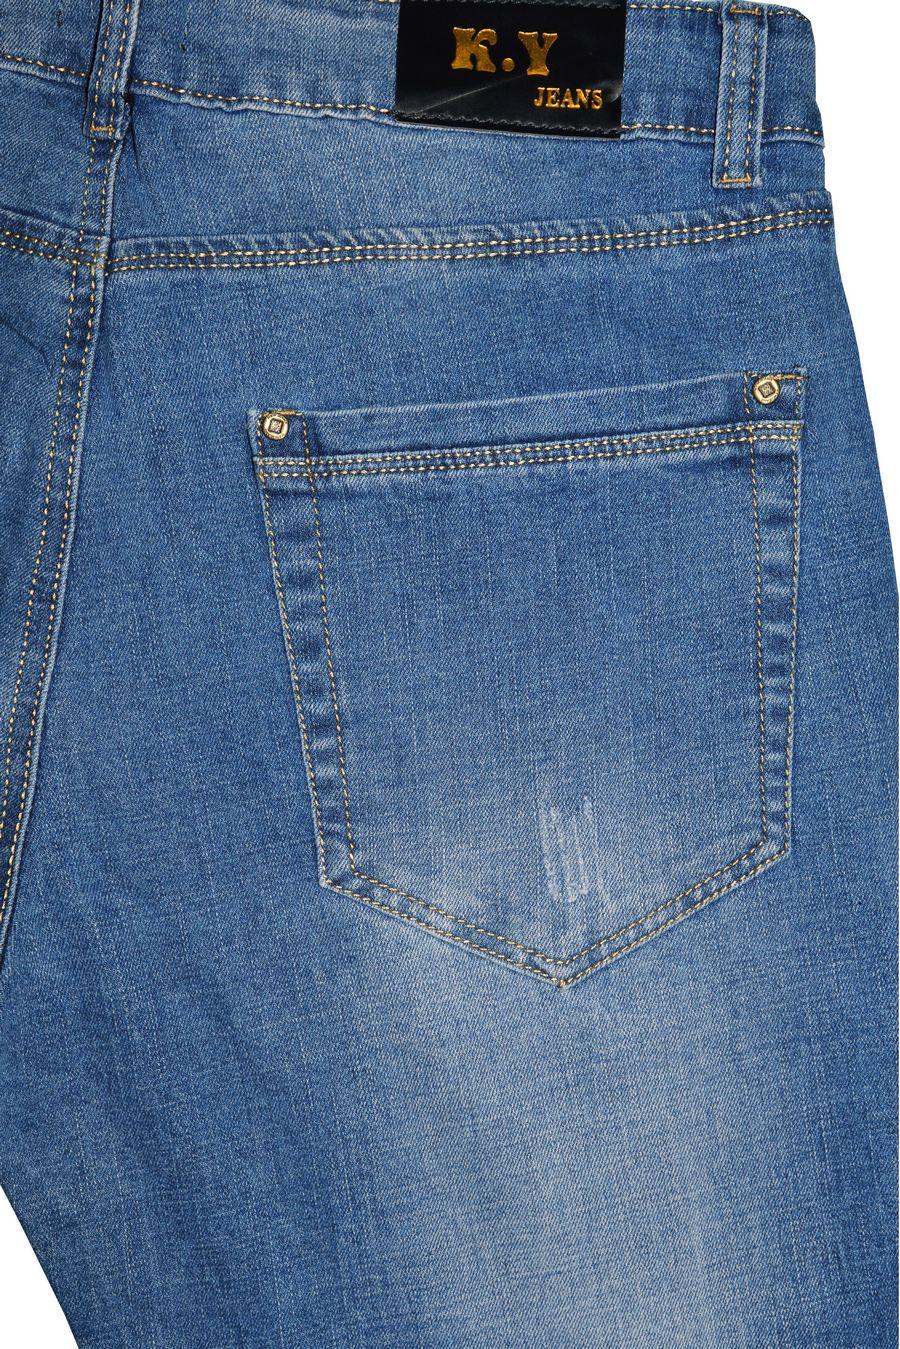 Джинсы женские K.Y Jeans L478 - фото 4